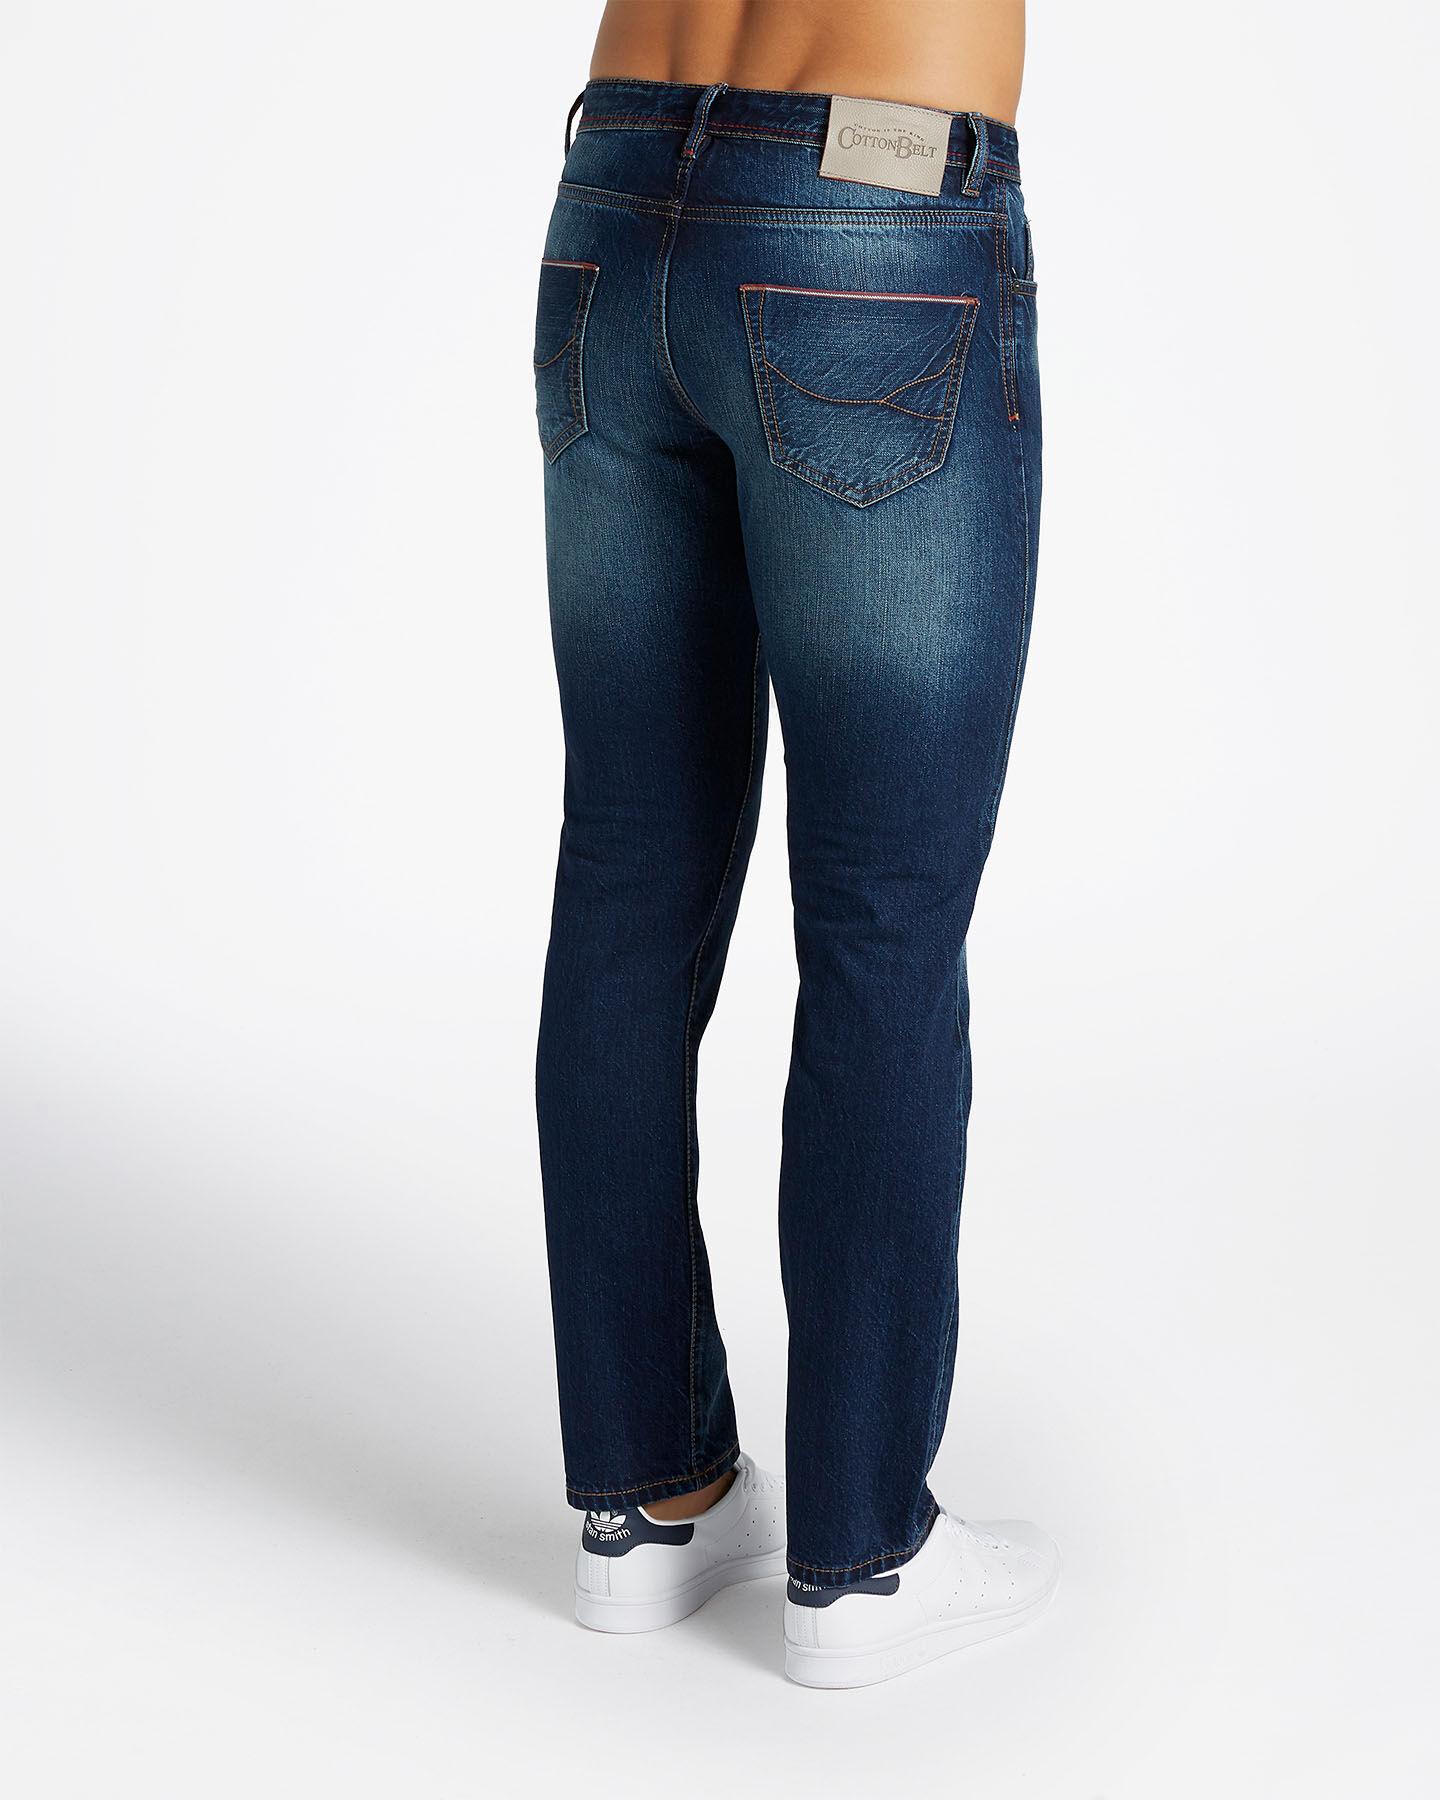 Jeans COTTON BELT WALDO MODERN REGULAR M S4070903 scatto 1